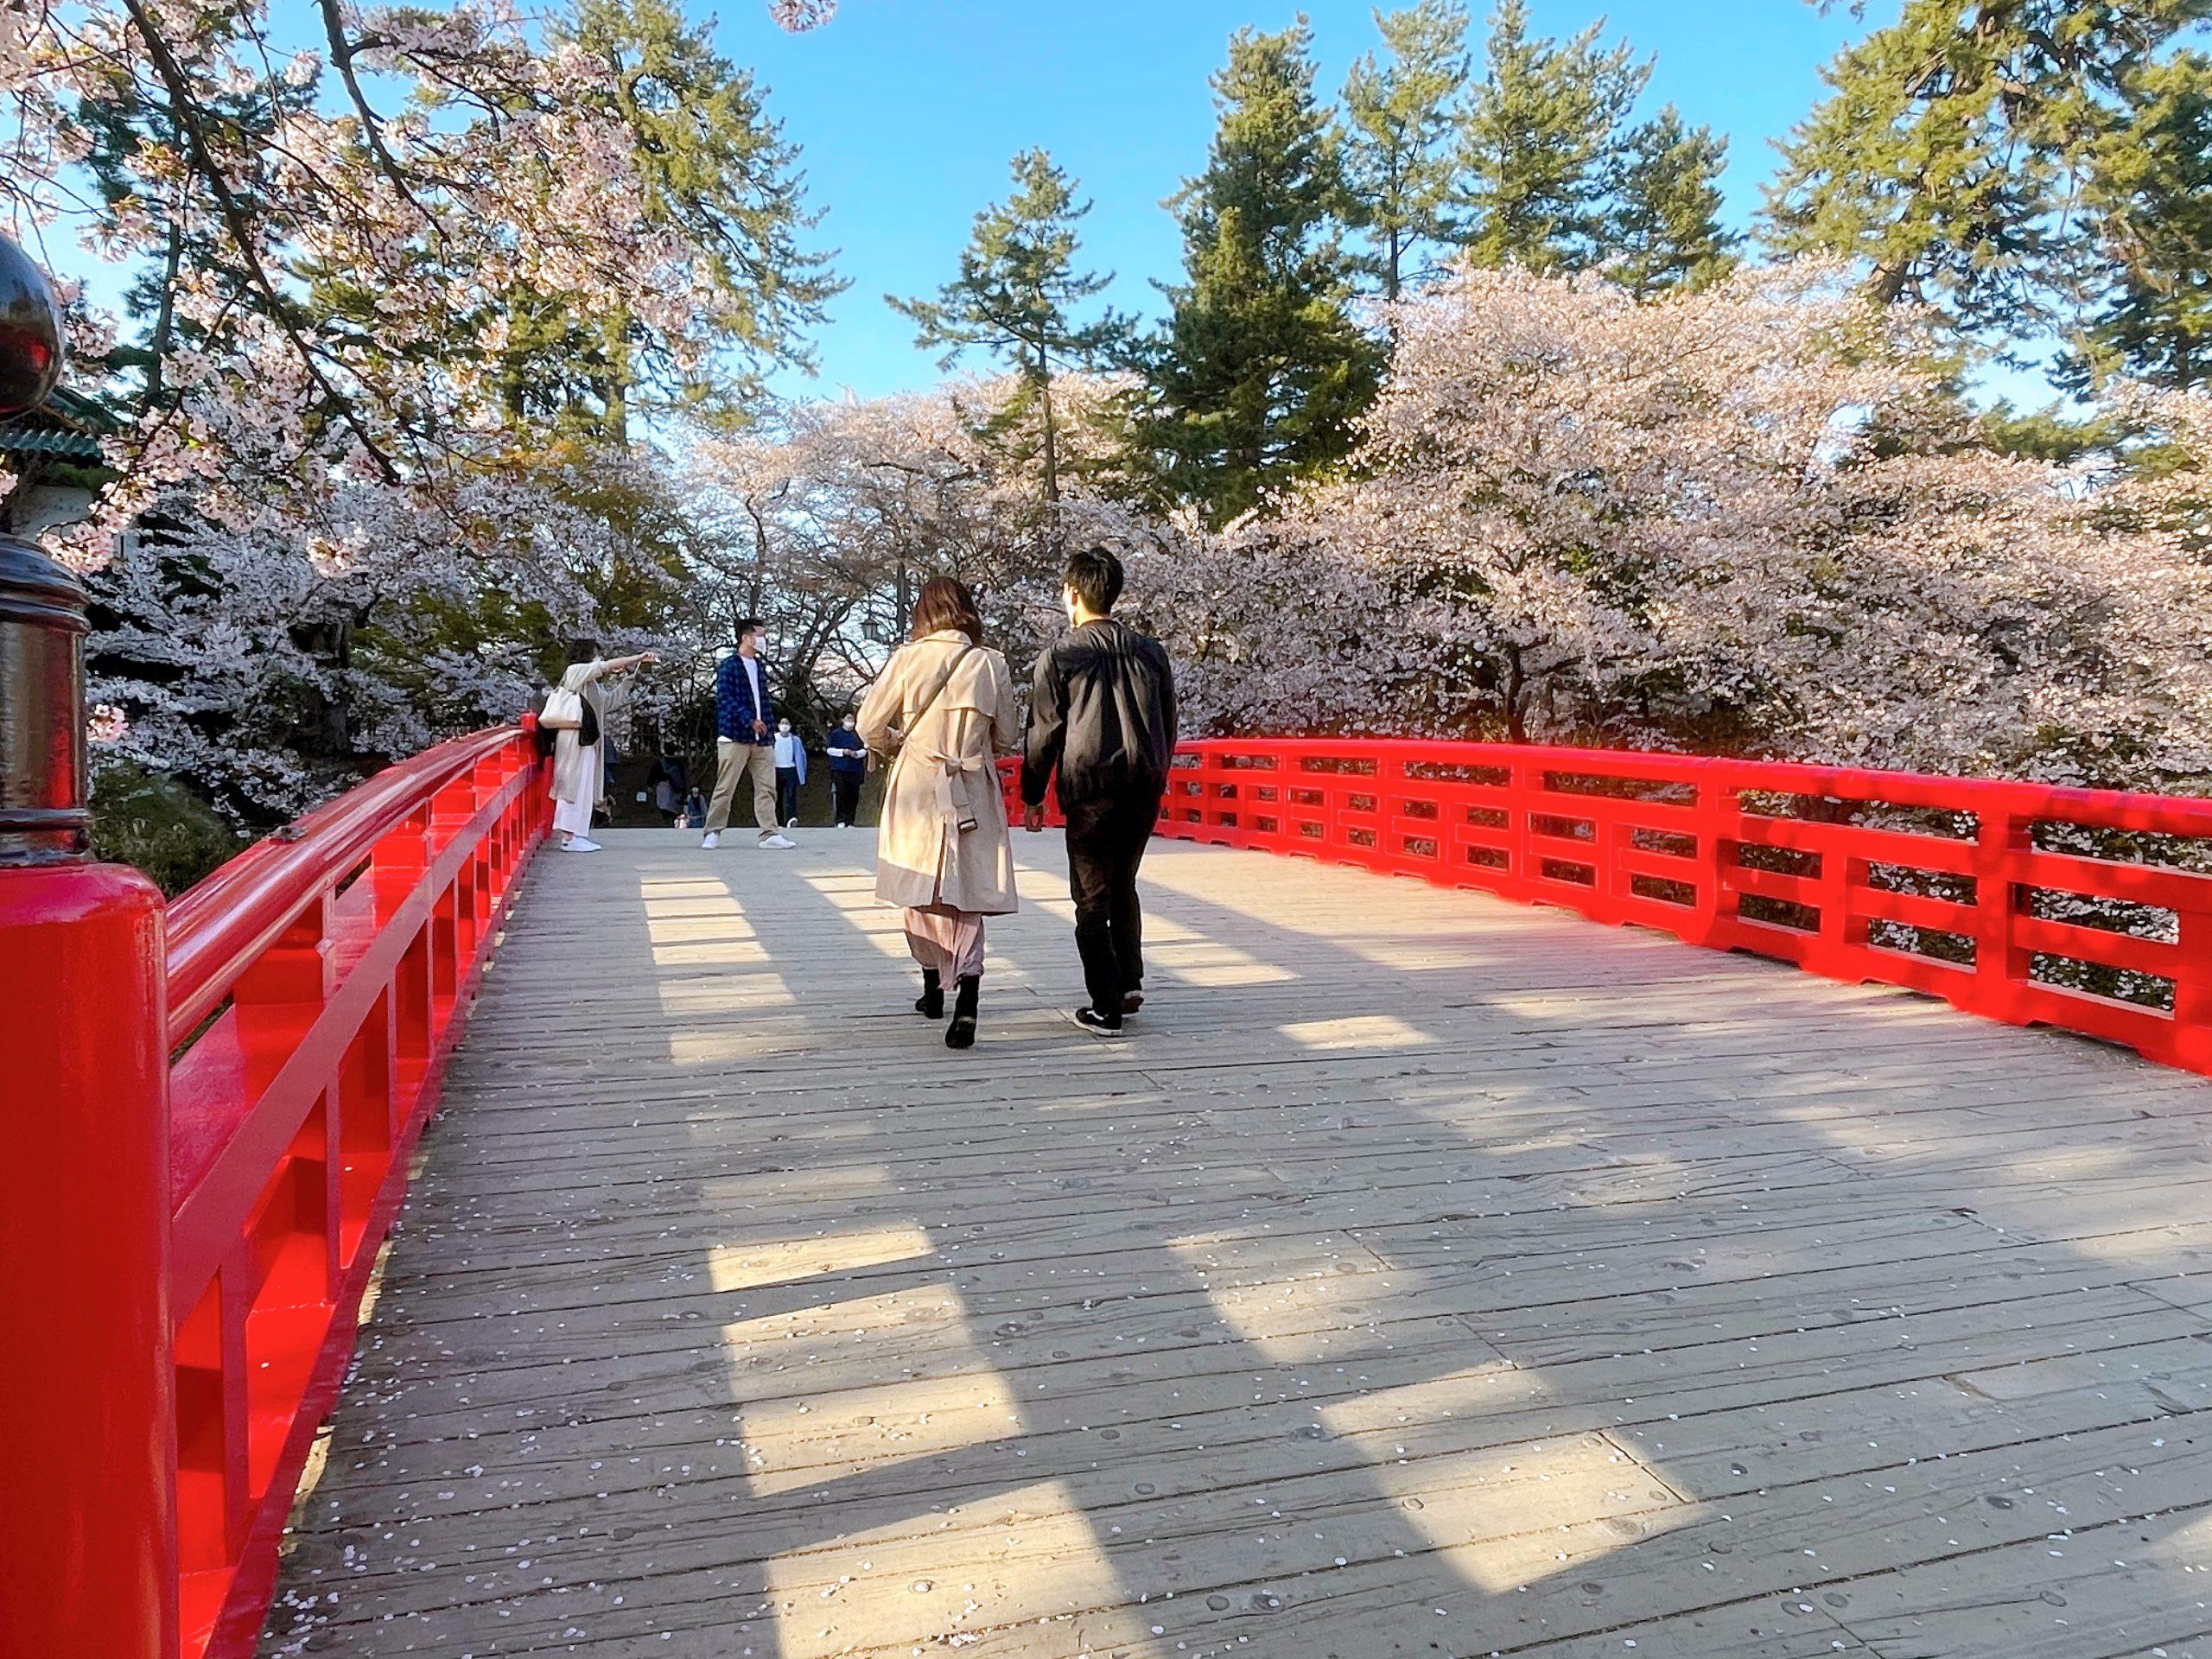 桜祭りといったら!「弘前さくらまつり2021」